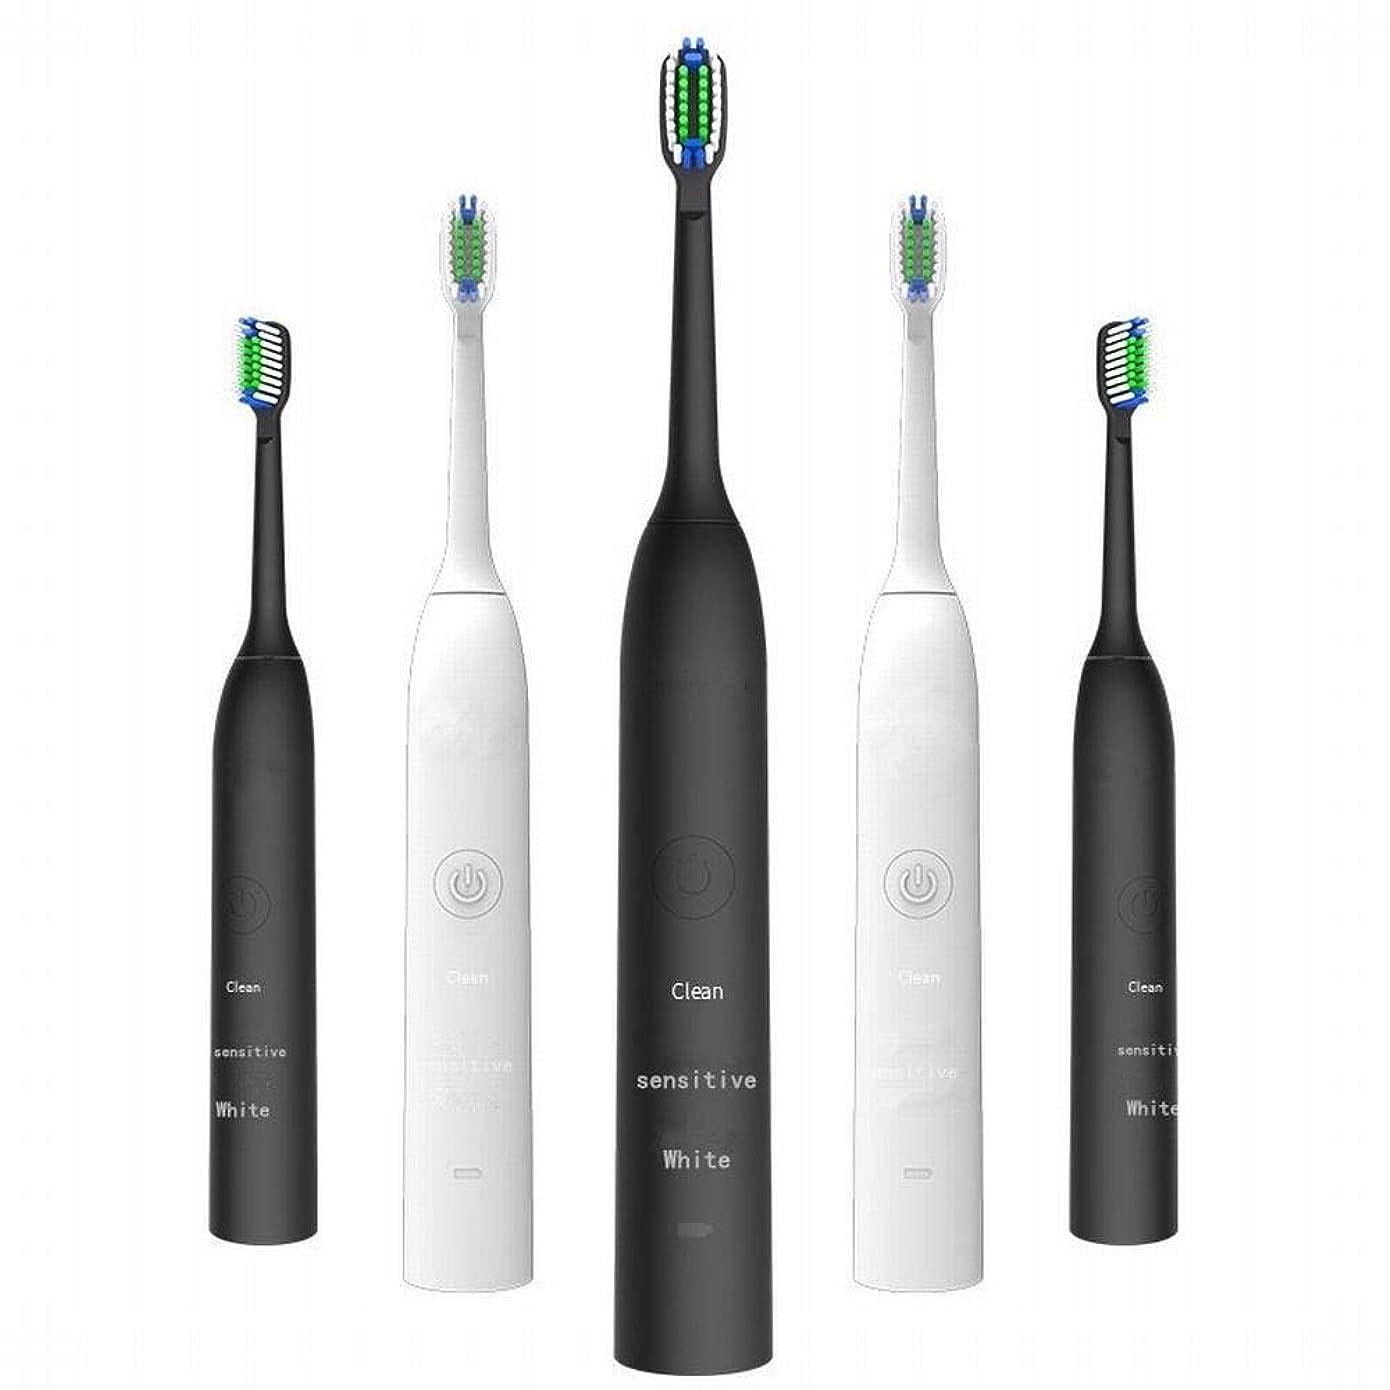 ワーカー飾る悪魔LKJASDHL 充電式電動歯ブラシ2つのブラシヘッドで3速度調整誘導充電音波振動歯ブラシキッズ電動歯ブラシ (色 : White)